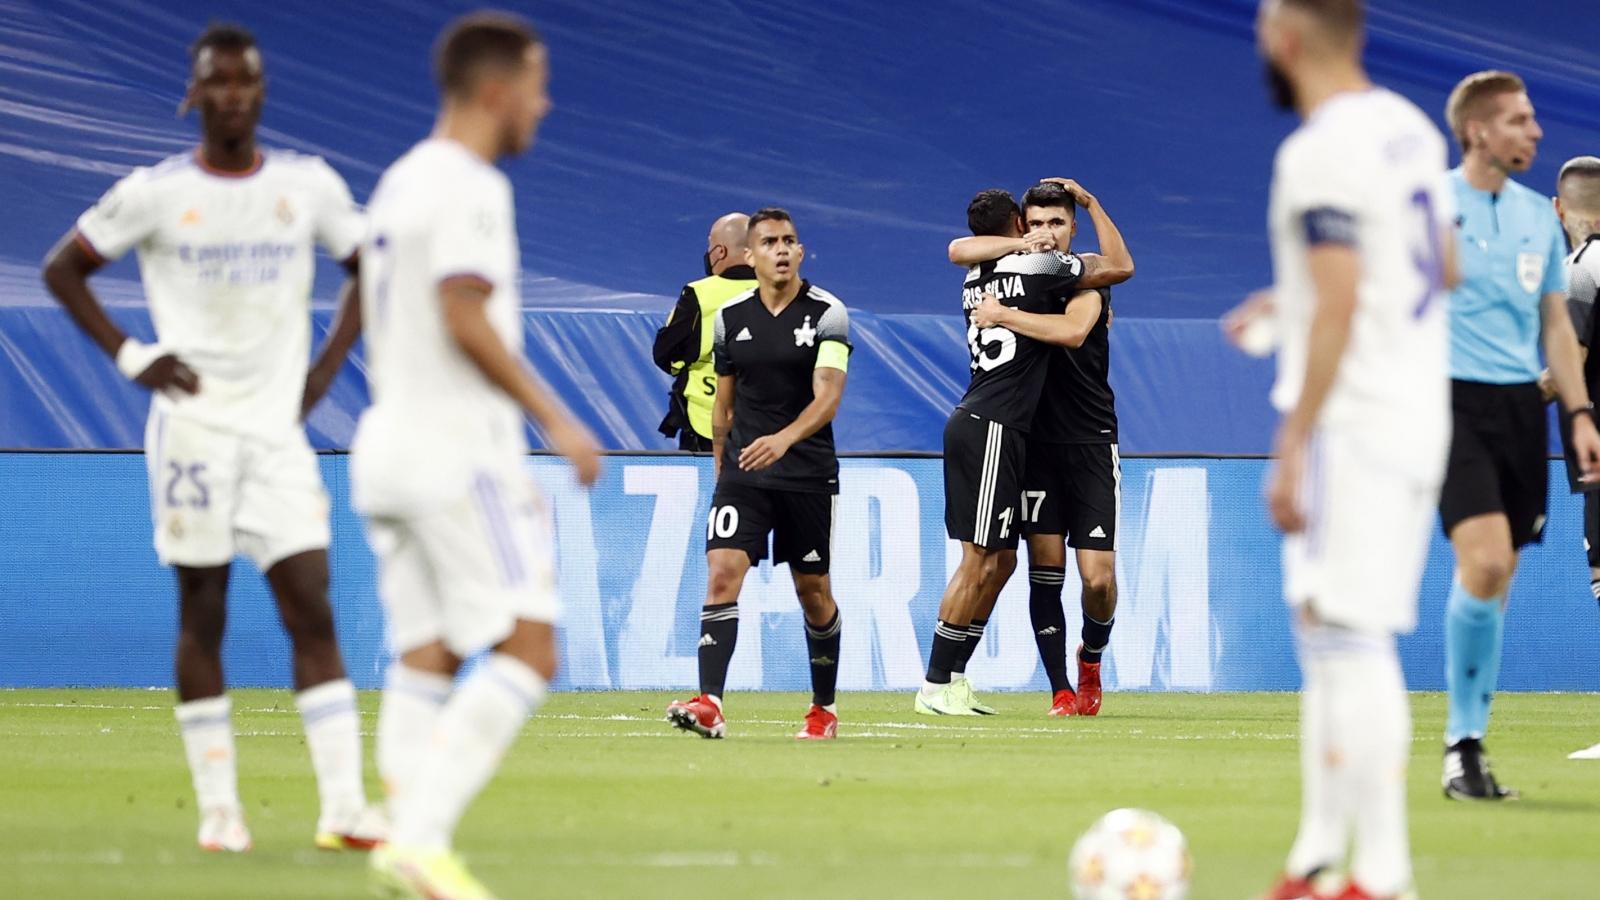 Cầu thủ từng hạ U23 Việt Nam ghi bàn, Sheriff thắng sốc Real Madrid ở Champions League